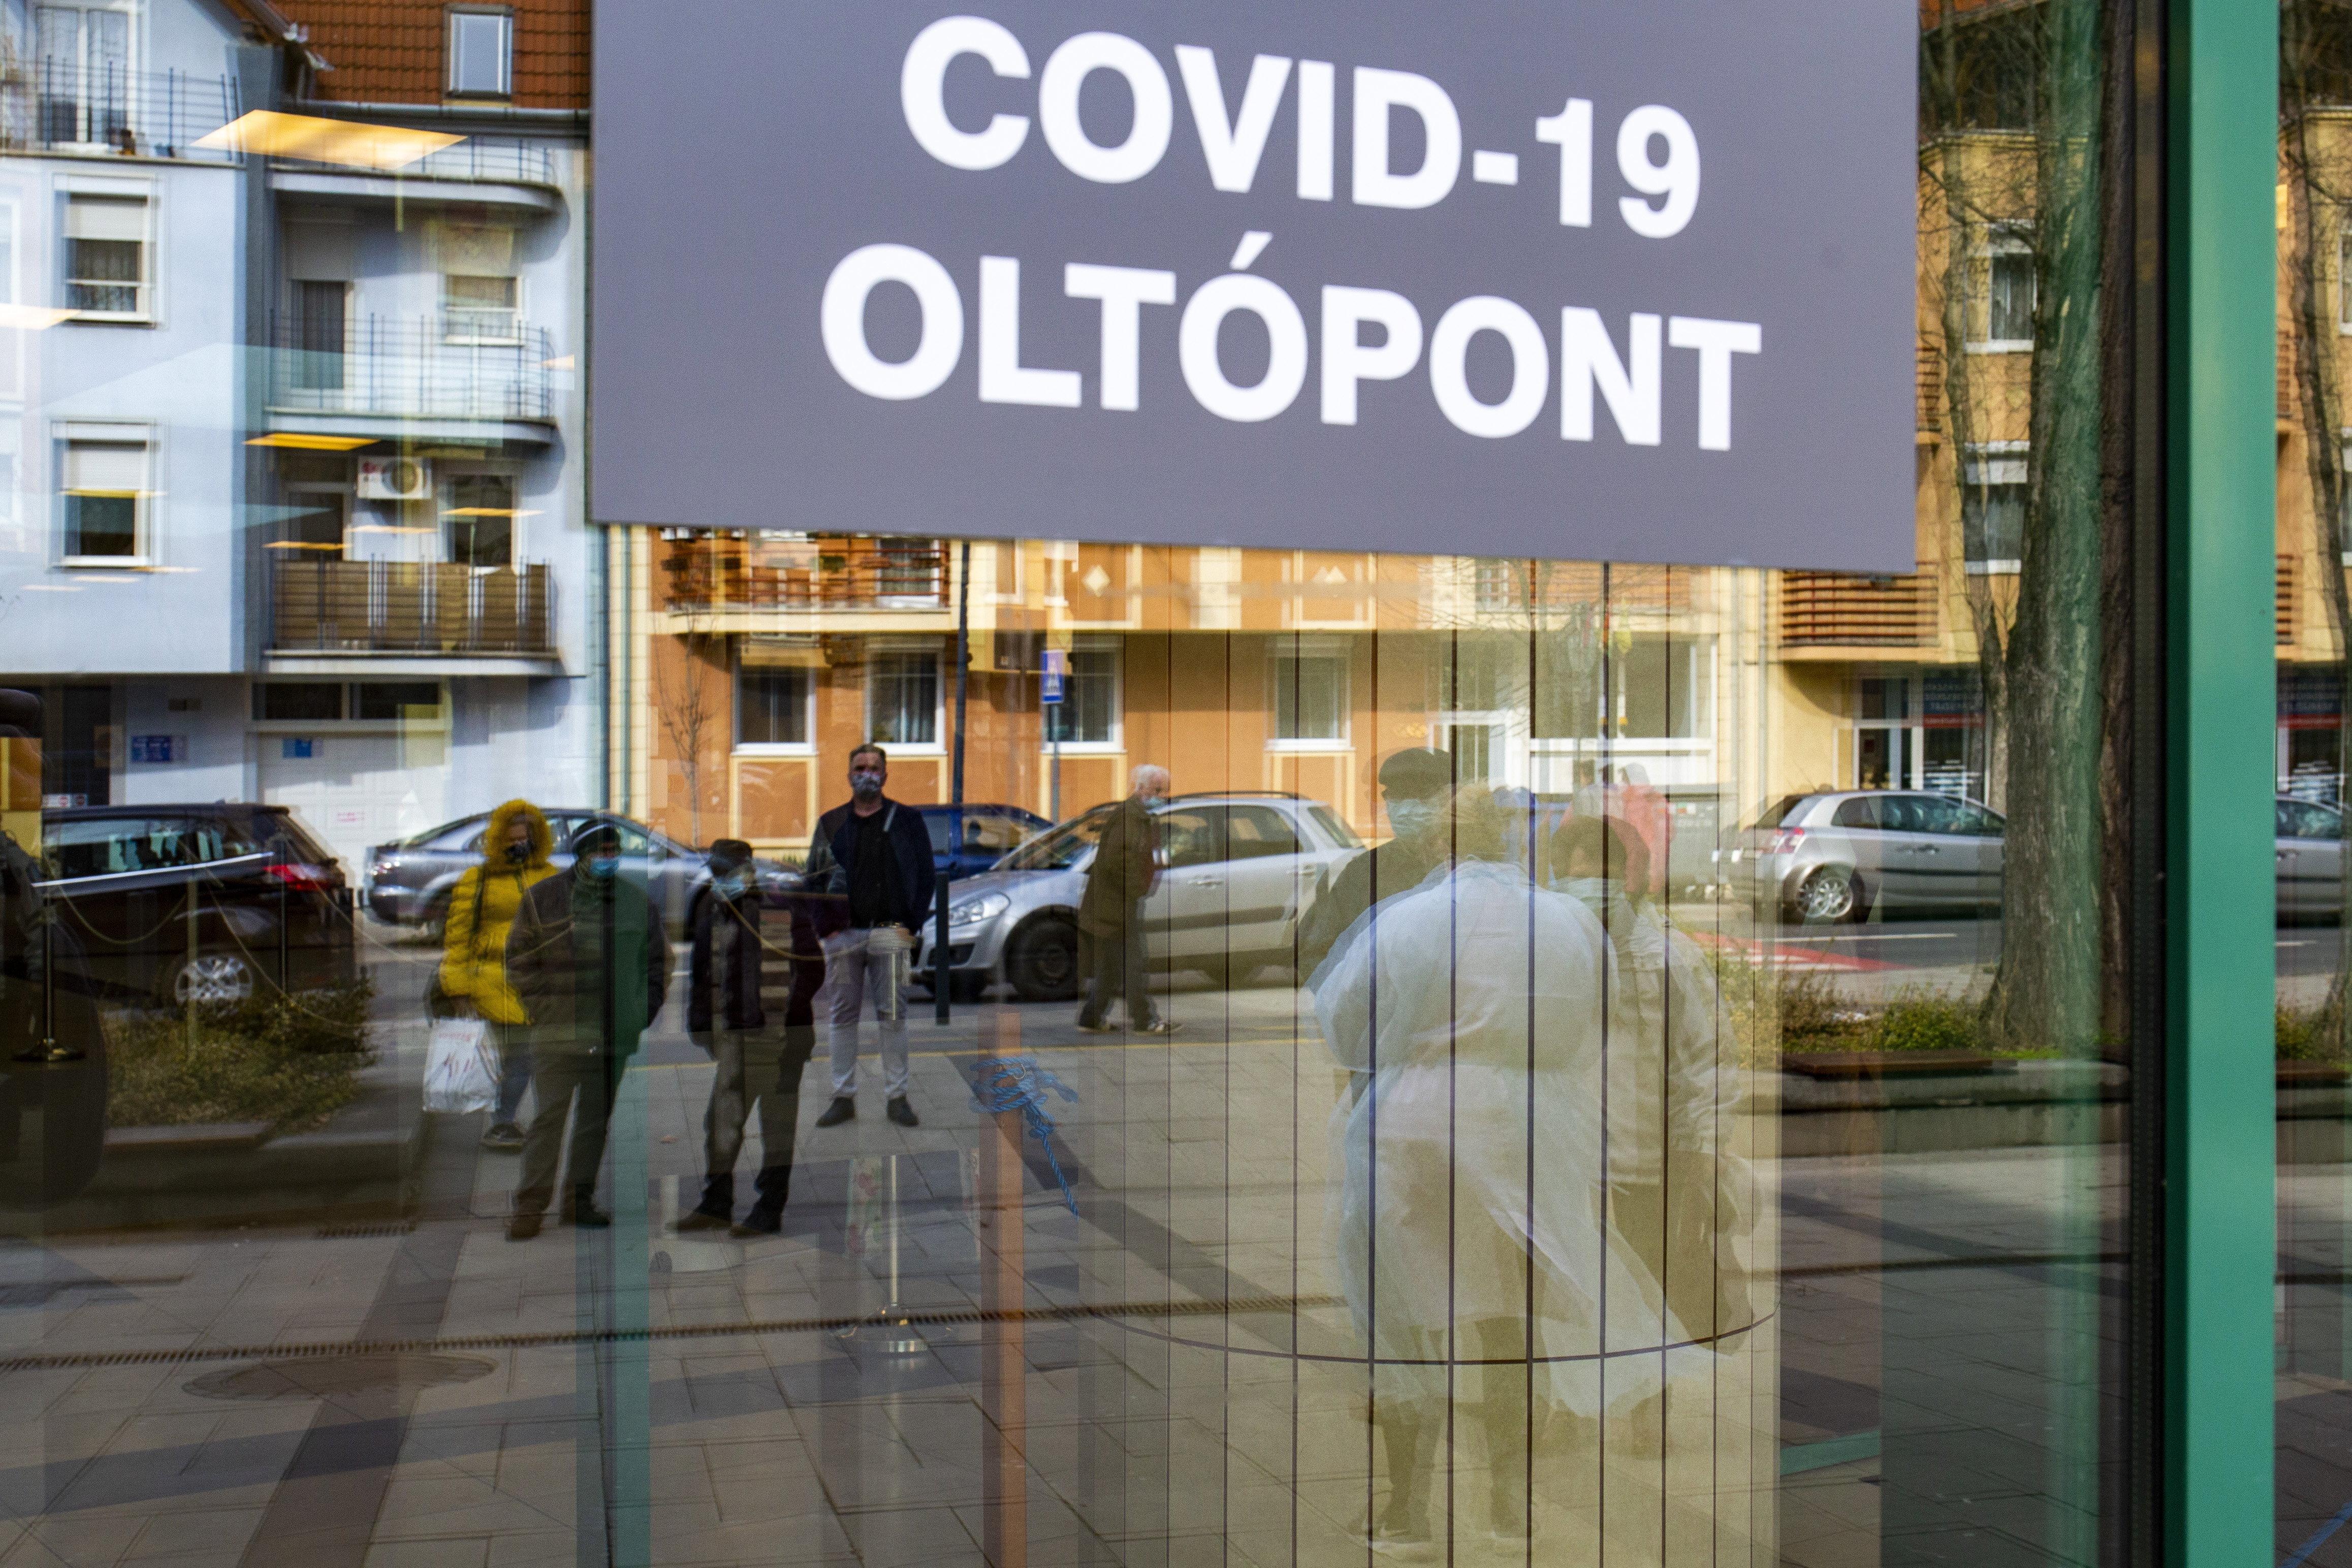 Rusvai Miklós virológus szerint még korai a nyitás és a nyájimmunitás is messze van